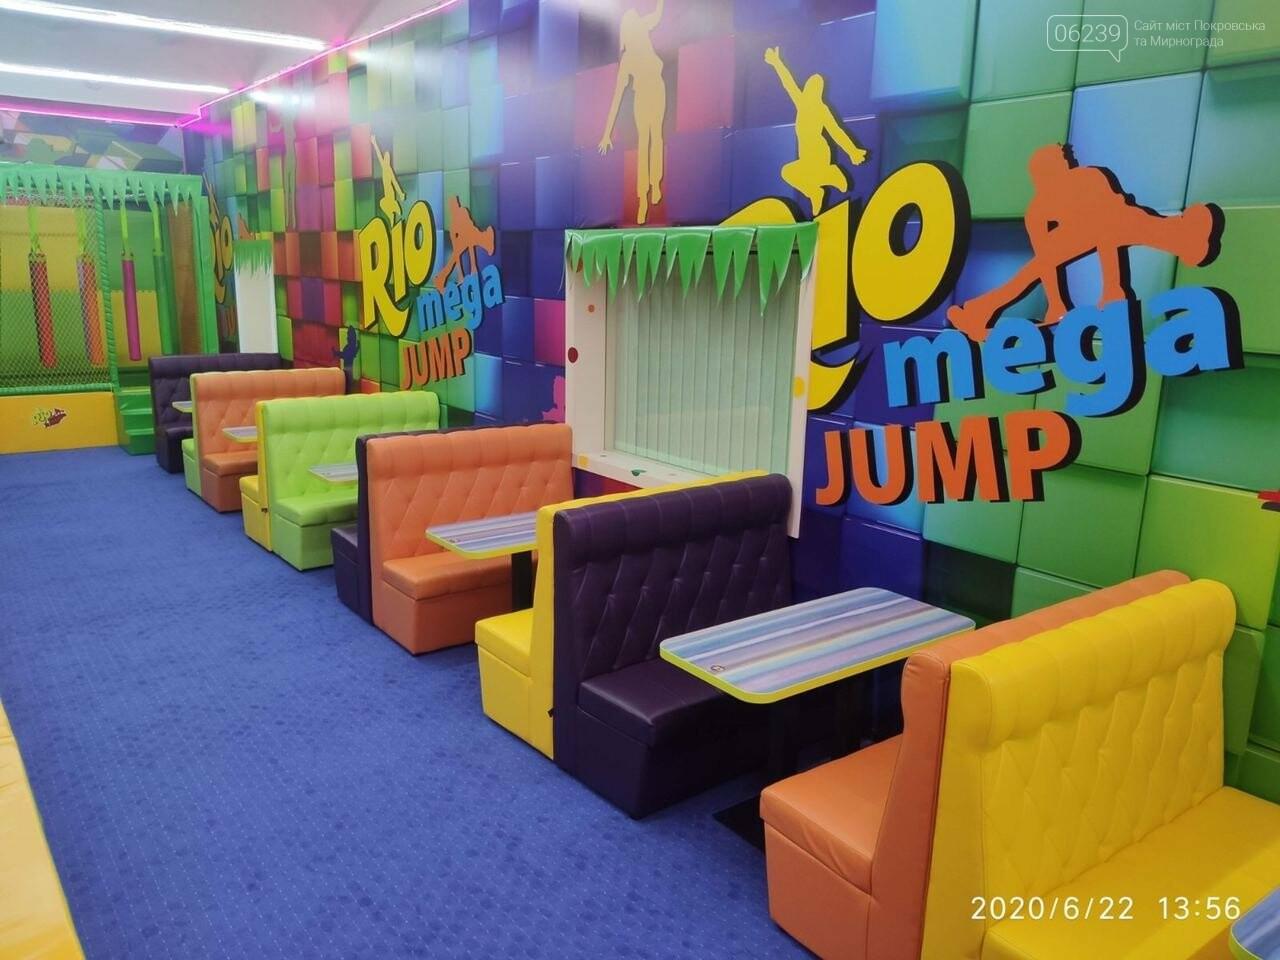 В развлекательном центре Rio Mega jump открылся первый роллердром в Покровске!, фото-9